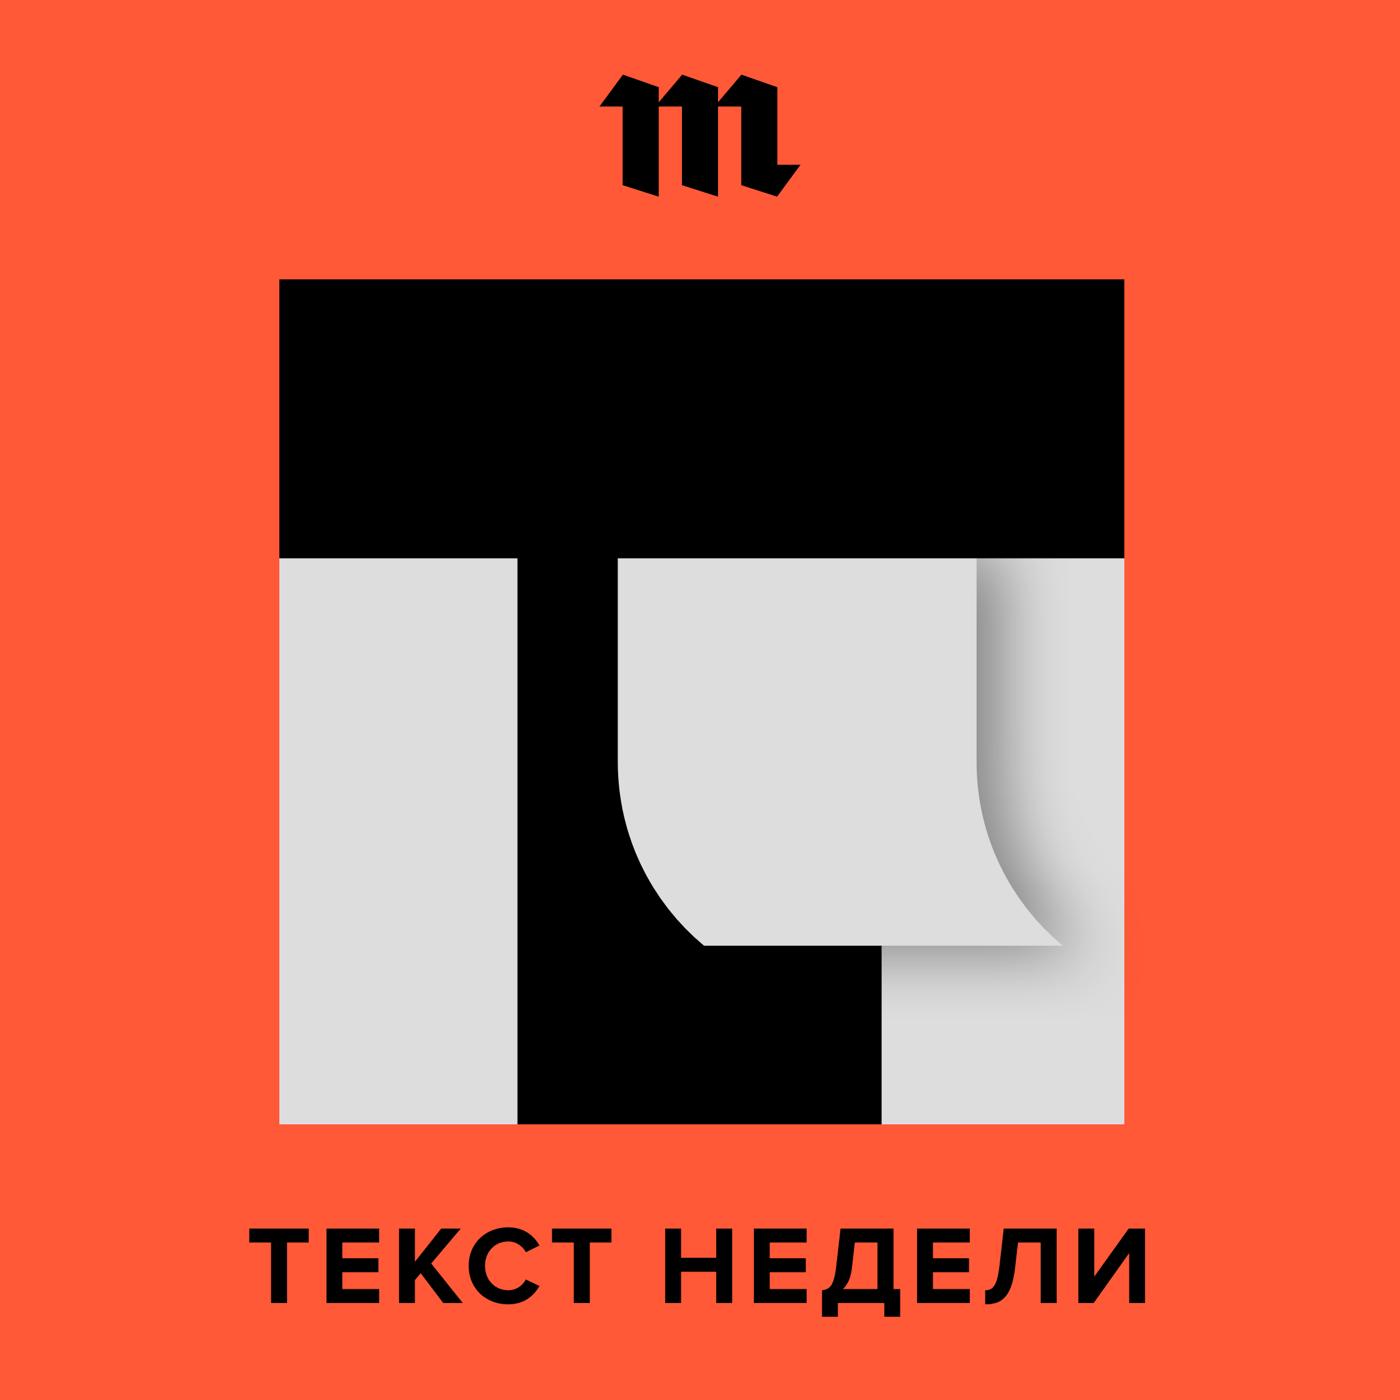 Айлика Кремер Как сейчас живут люди, пережившие Спитакское землетрясение айлика кремер как советские власти расстреляли мирную демонстрацию в новочеркасске